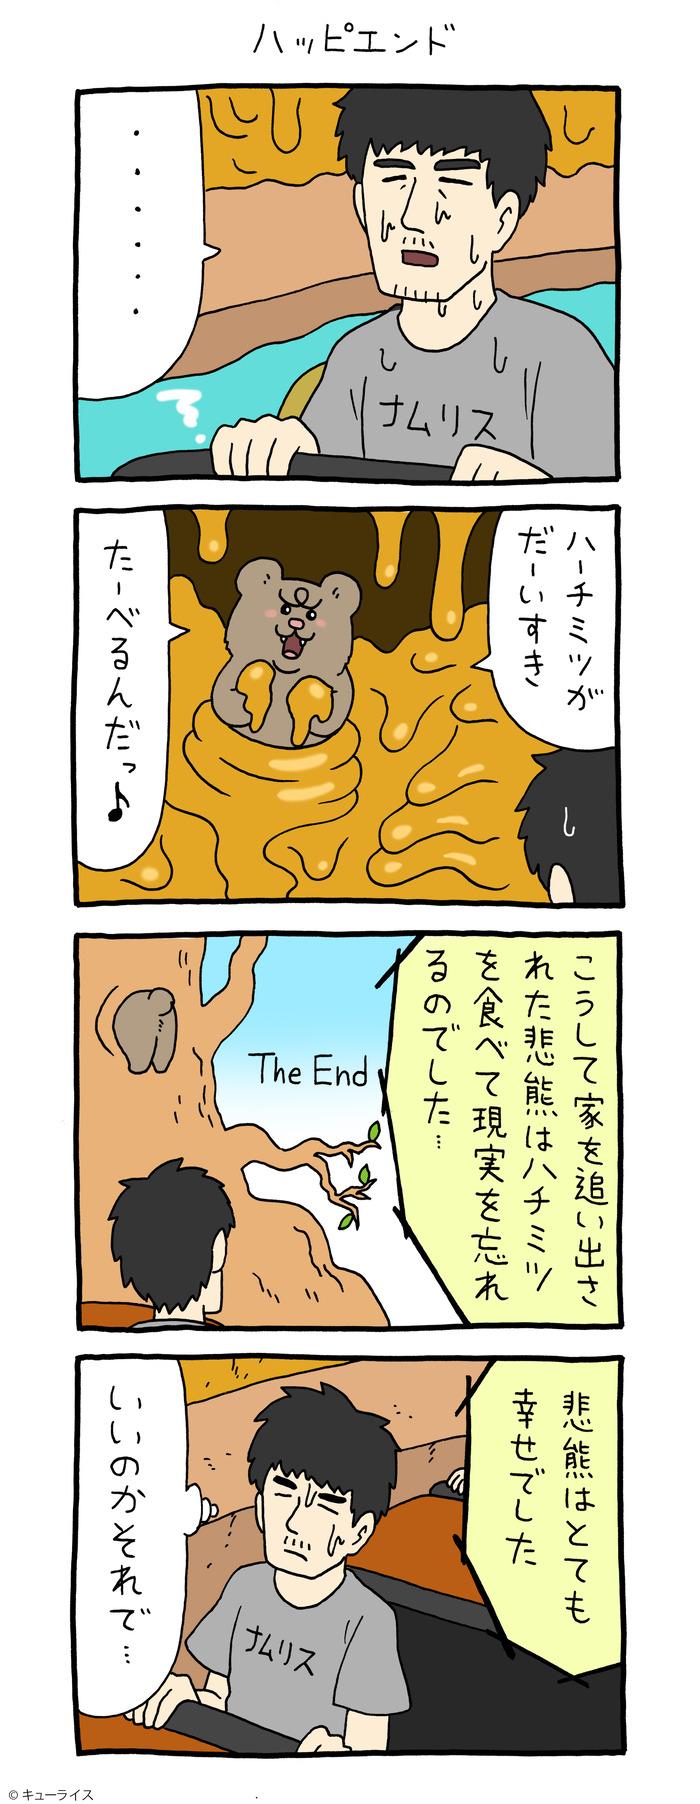 悲熊 ヒグマウンテン3 のコピー